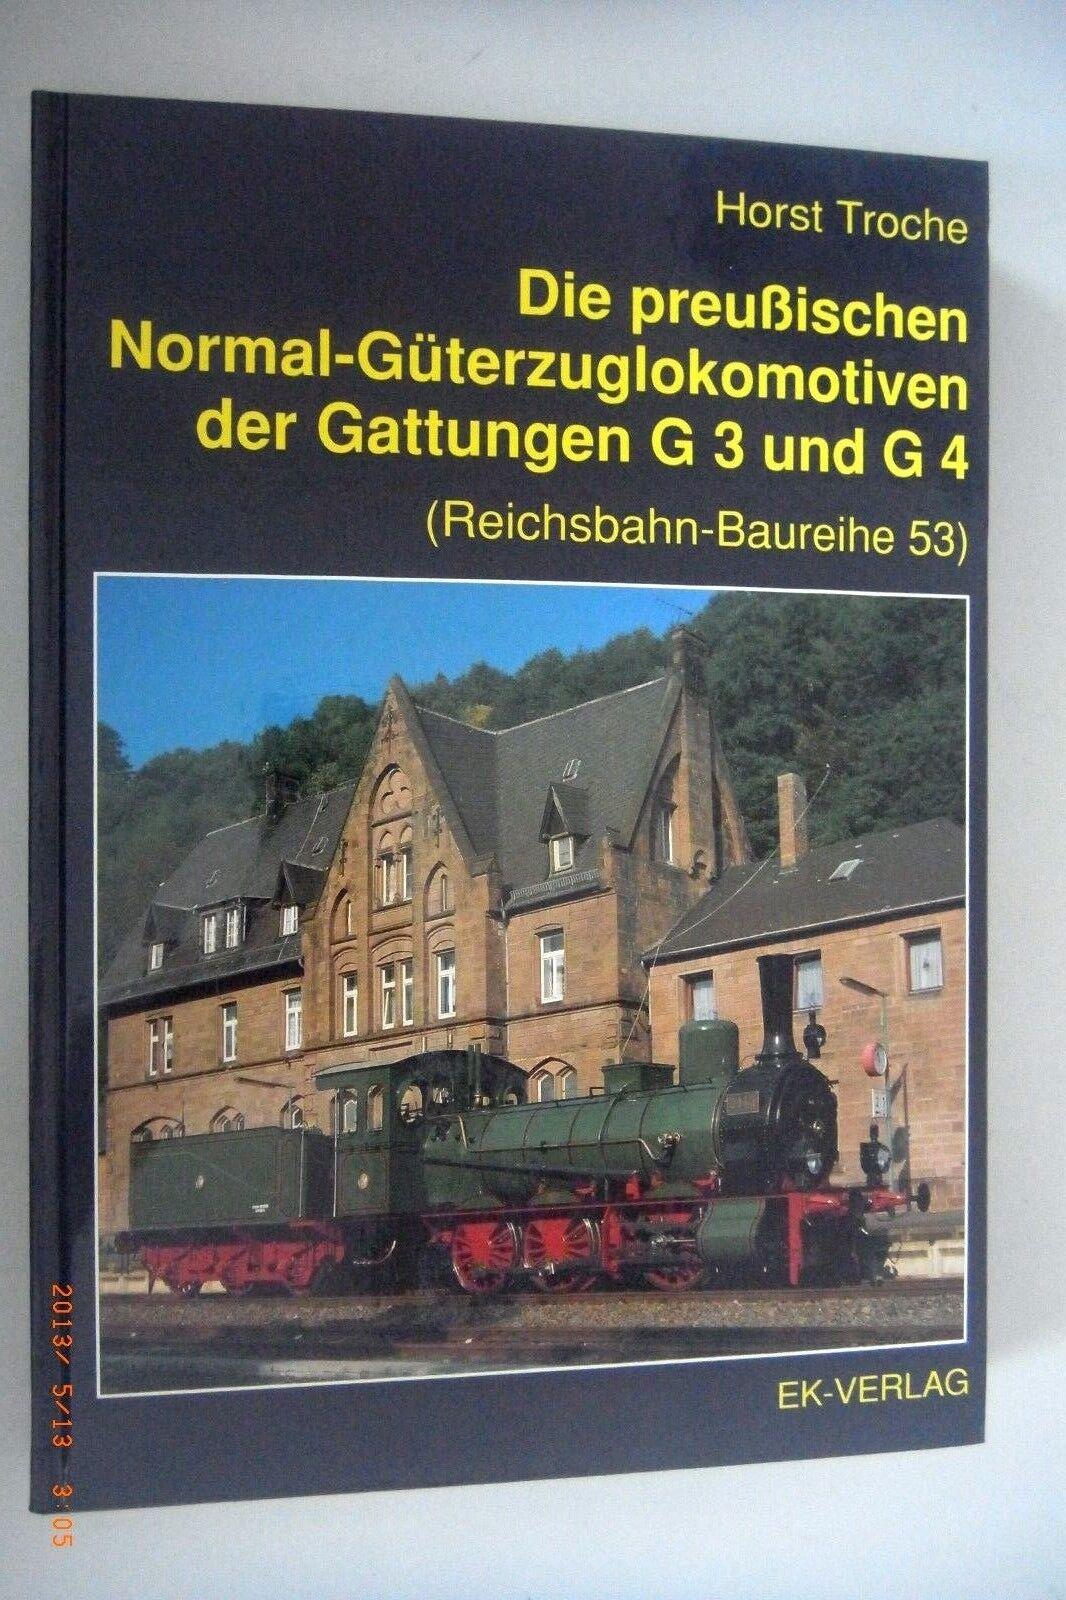 Die preußischen Normal-güterzuglokomotiven dergattungen g3 and g4 trodisco Horst